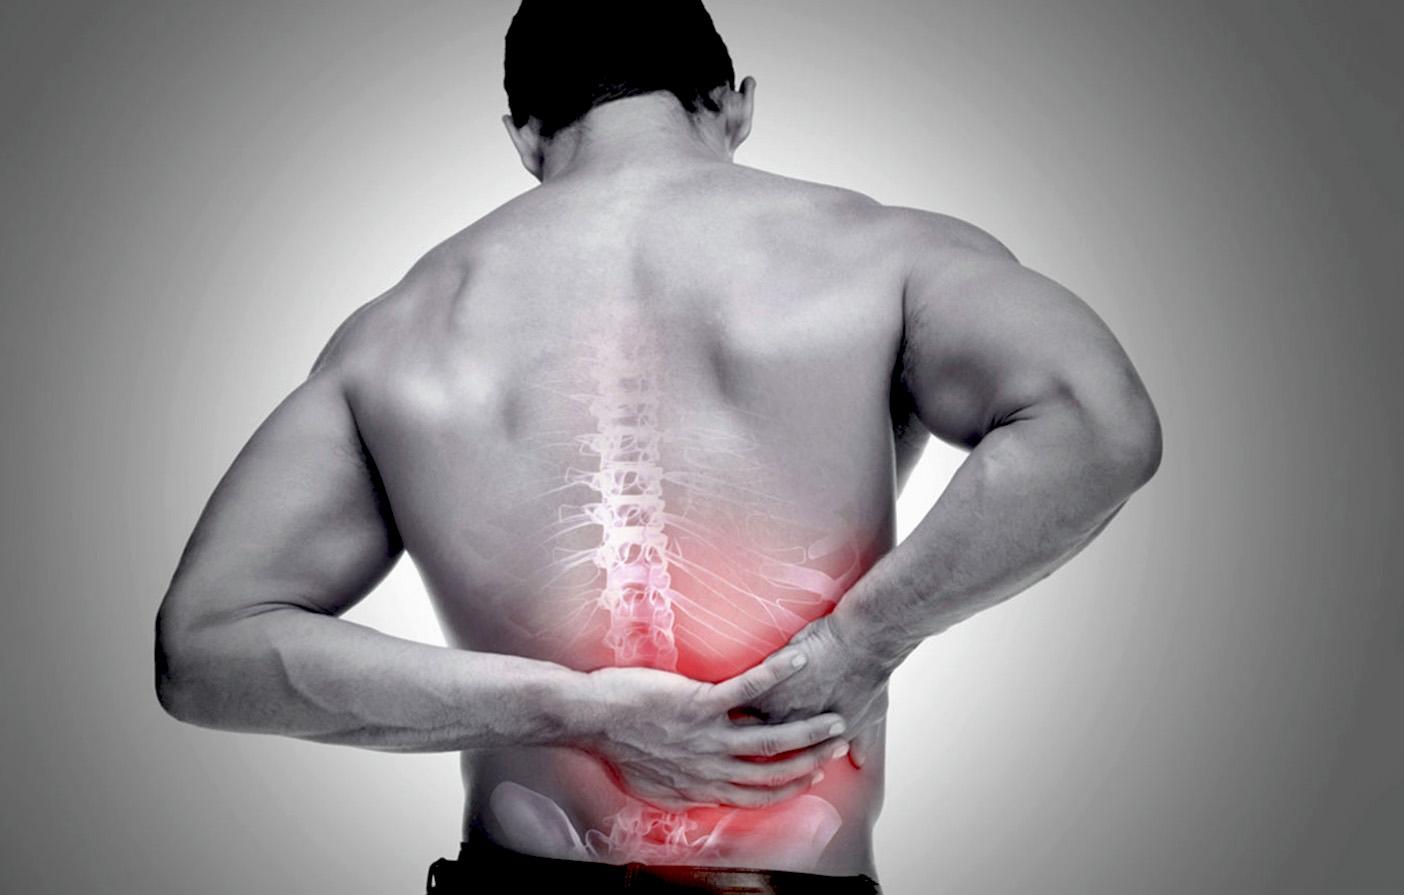 skausmas kairėje gydymo austi palaiko sužeistas klubų